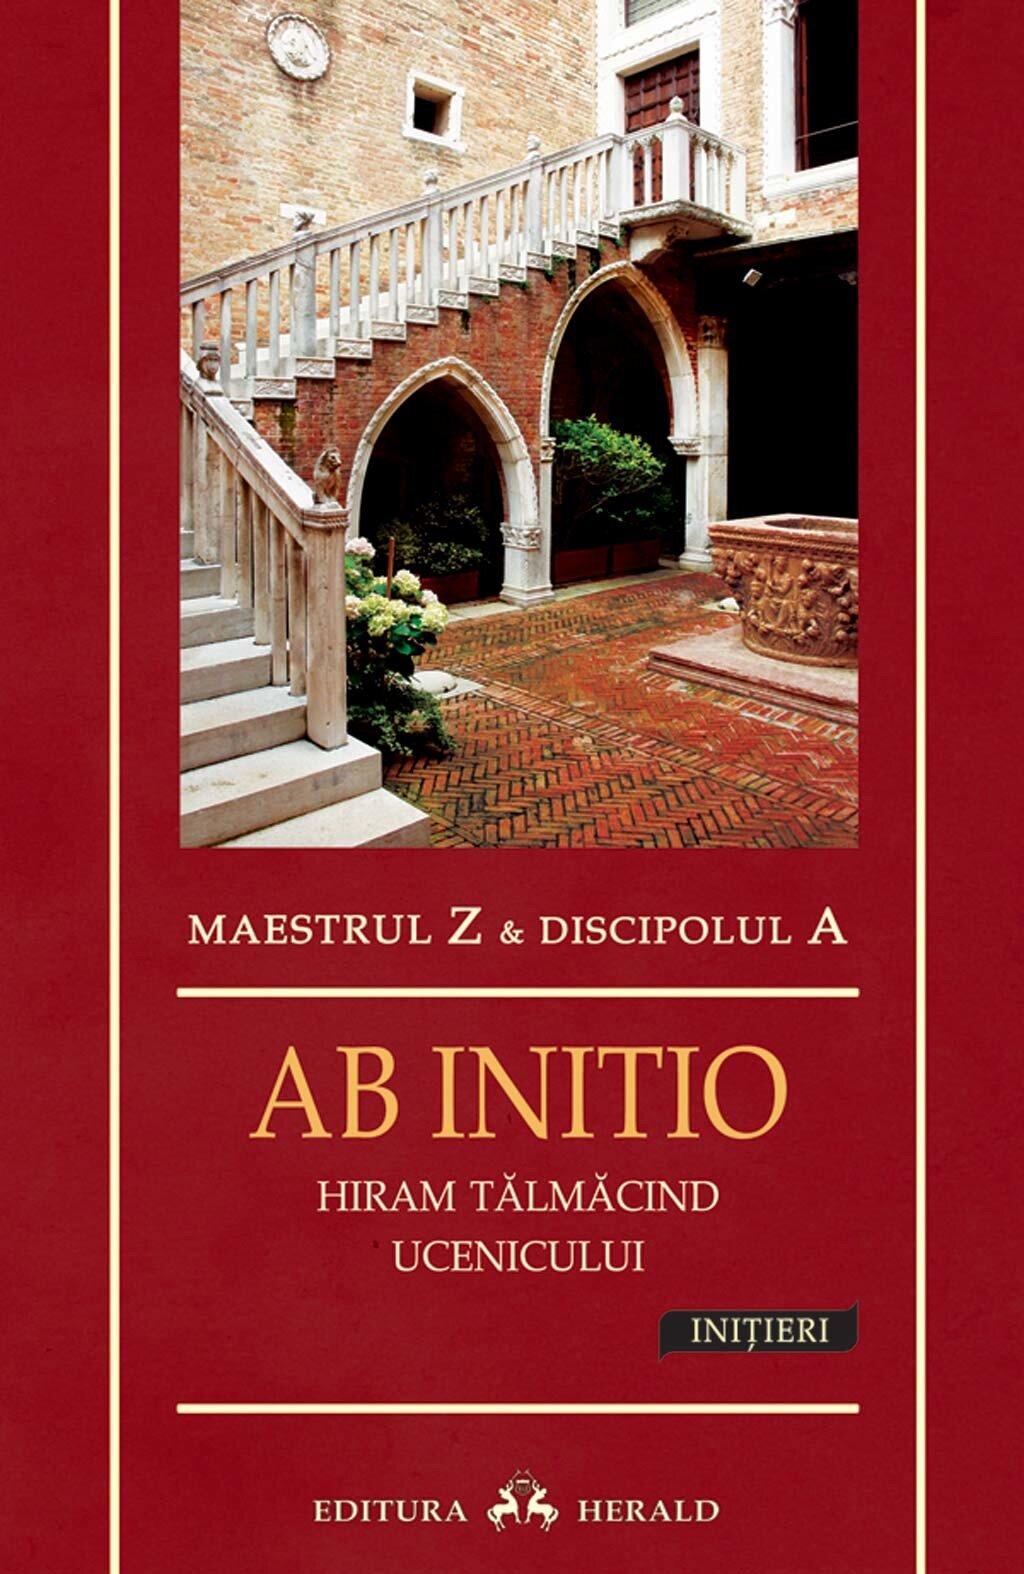 AB INITIO - Hiram talmacind ucenicului (eBook)